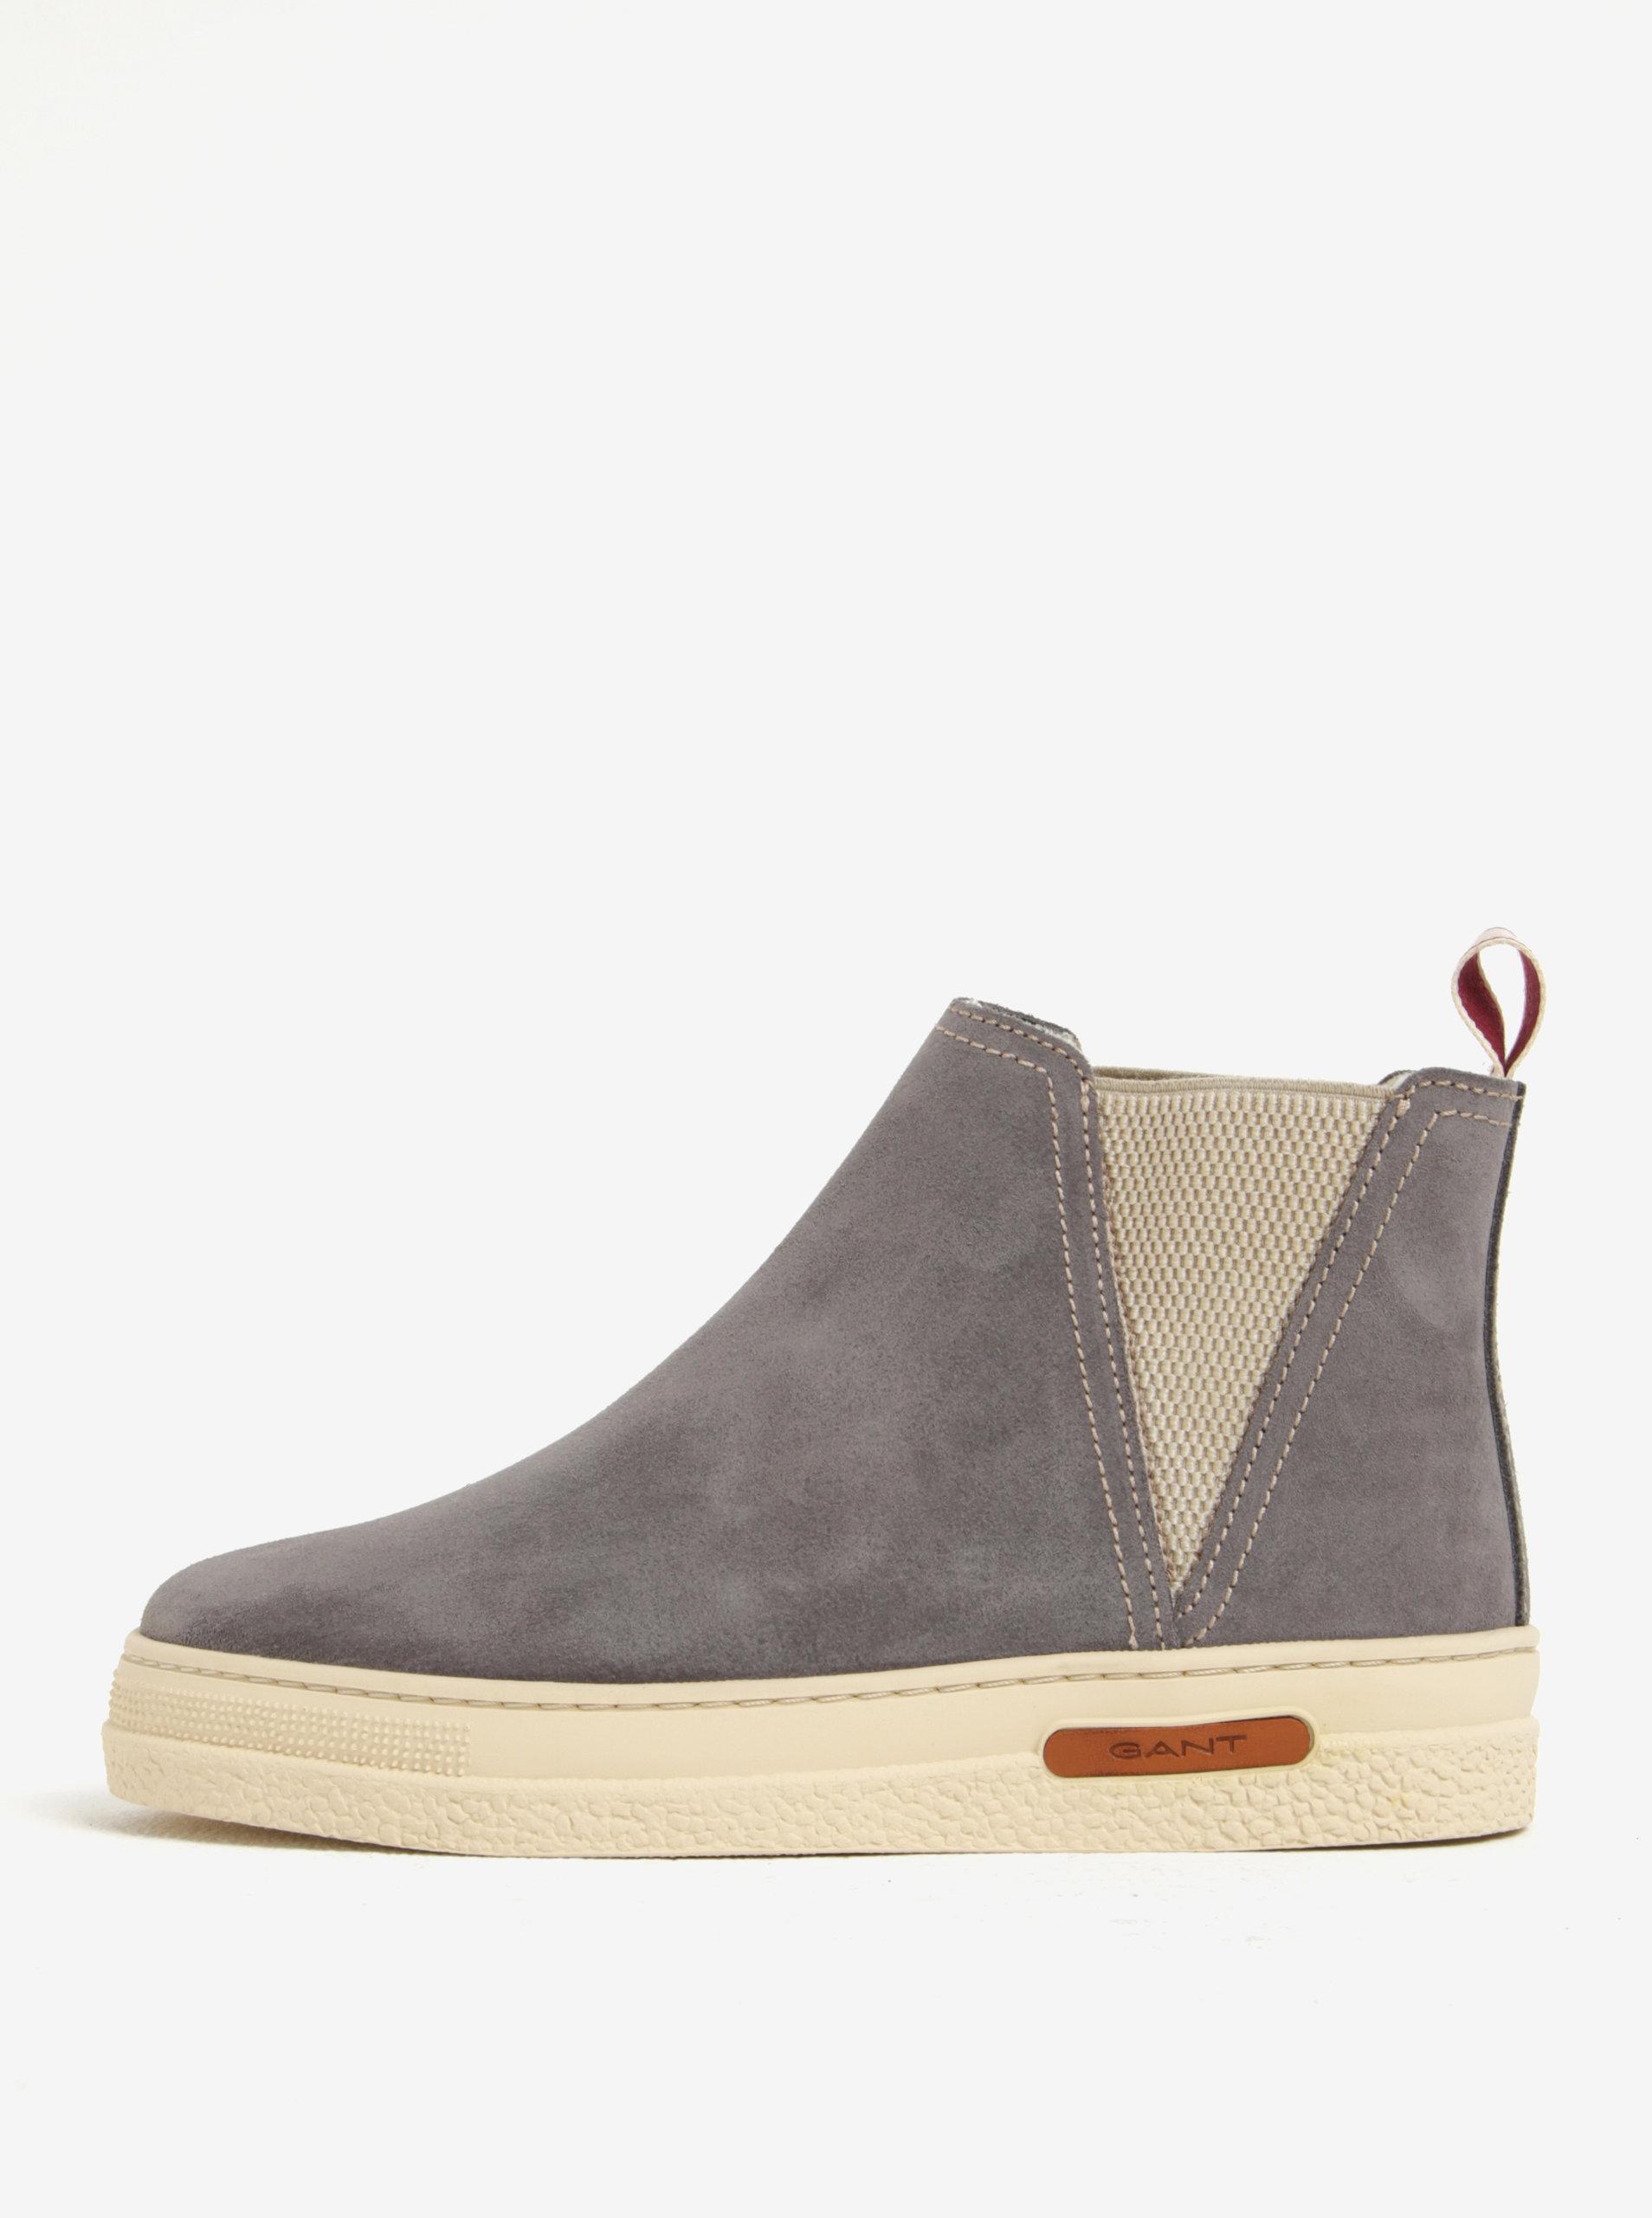 Šedé dámské zateplené semišové chelsea boty GANT Maria ... 79ece81db6